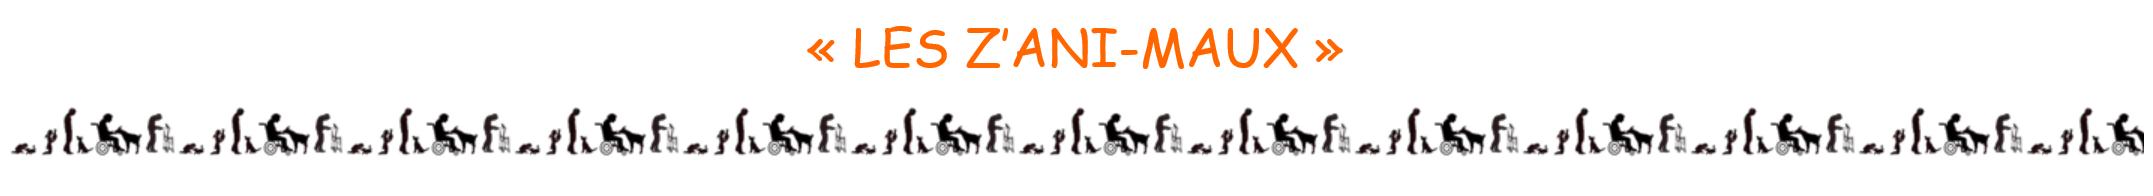 LES Z'ANI-MAUX